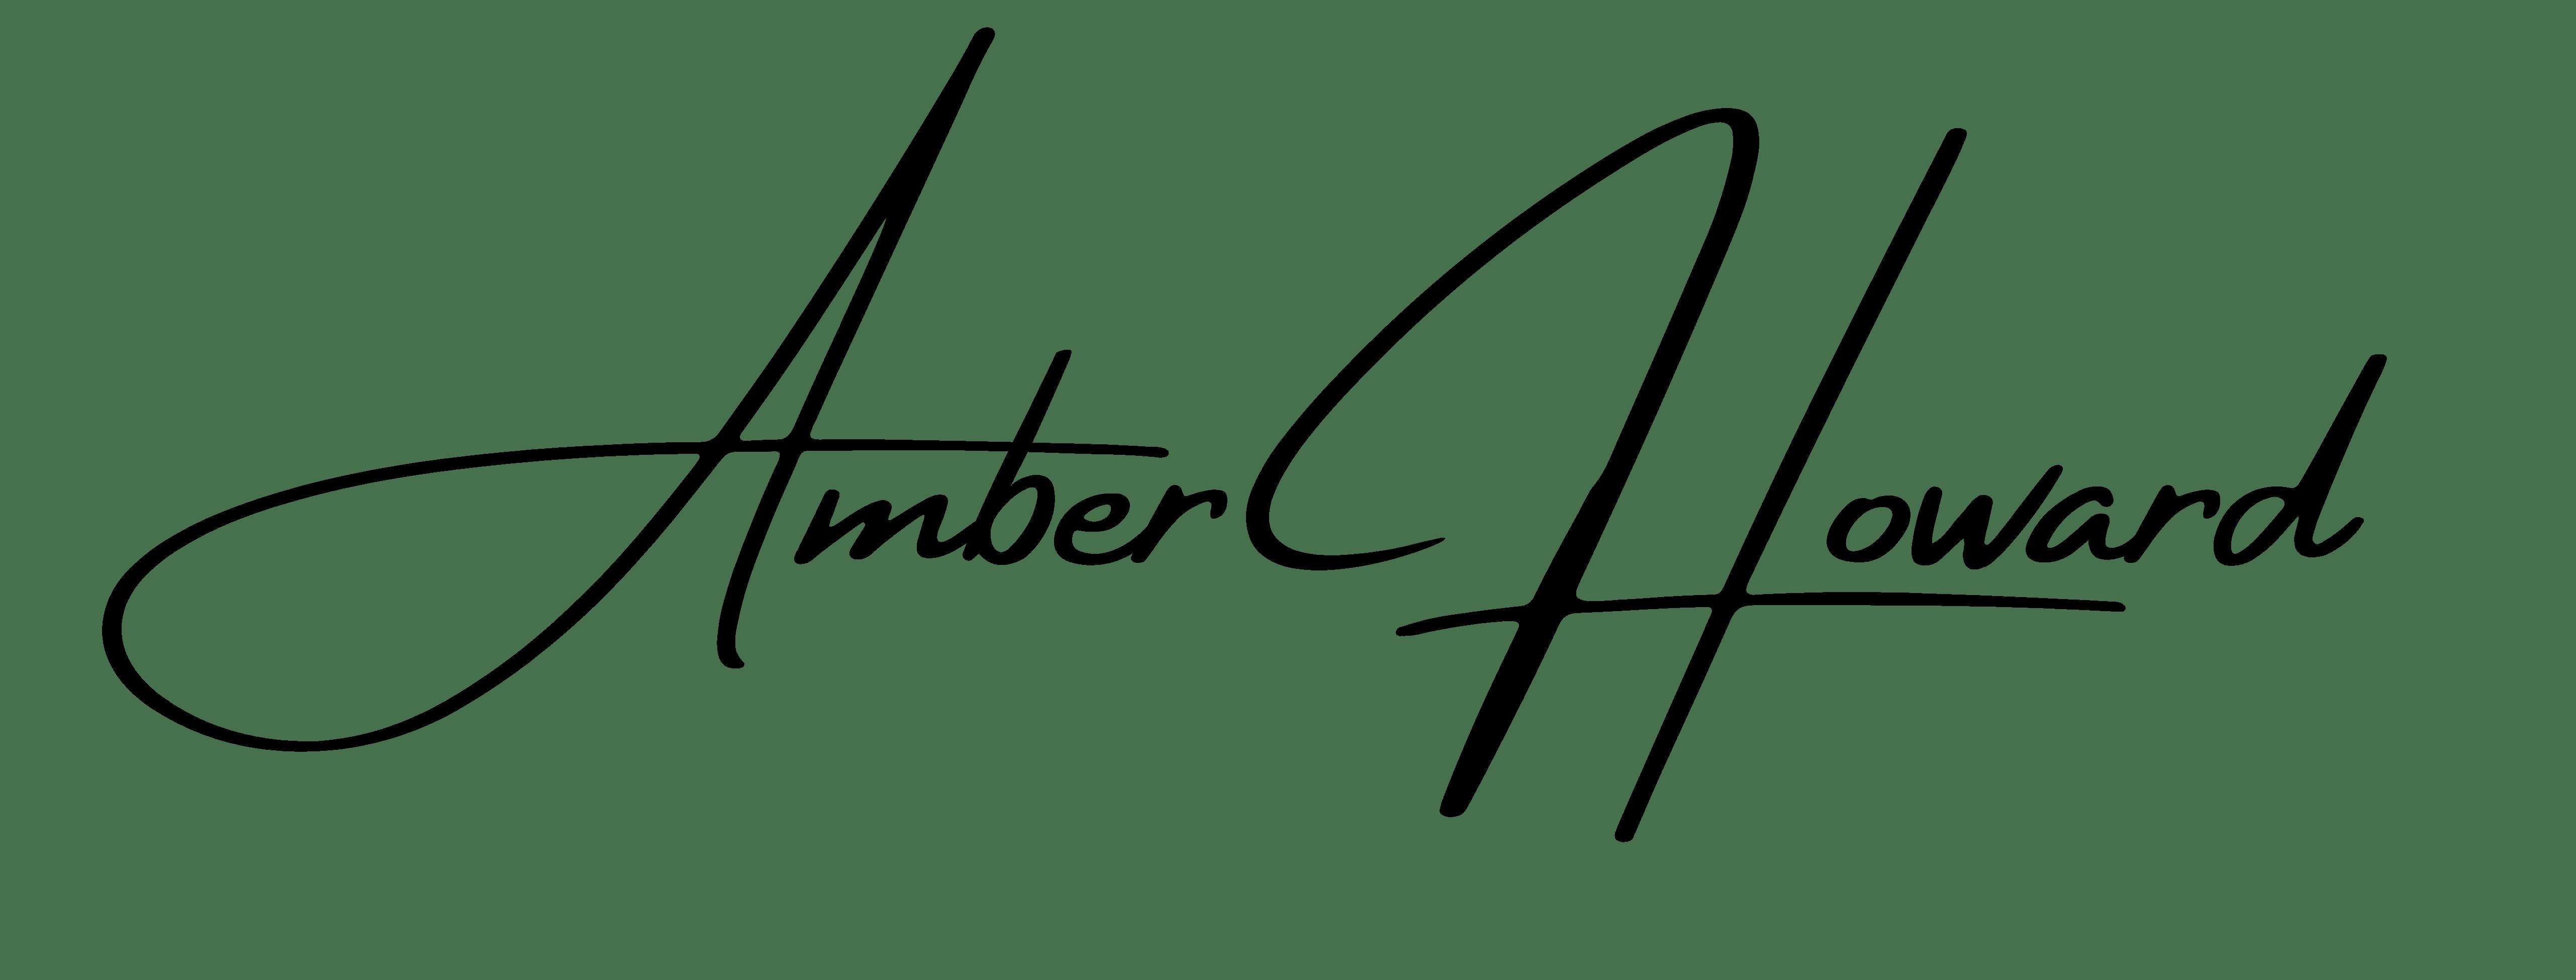 Amber Howard signature